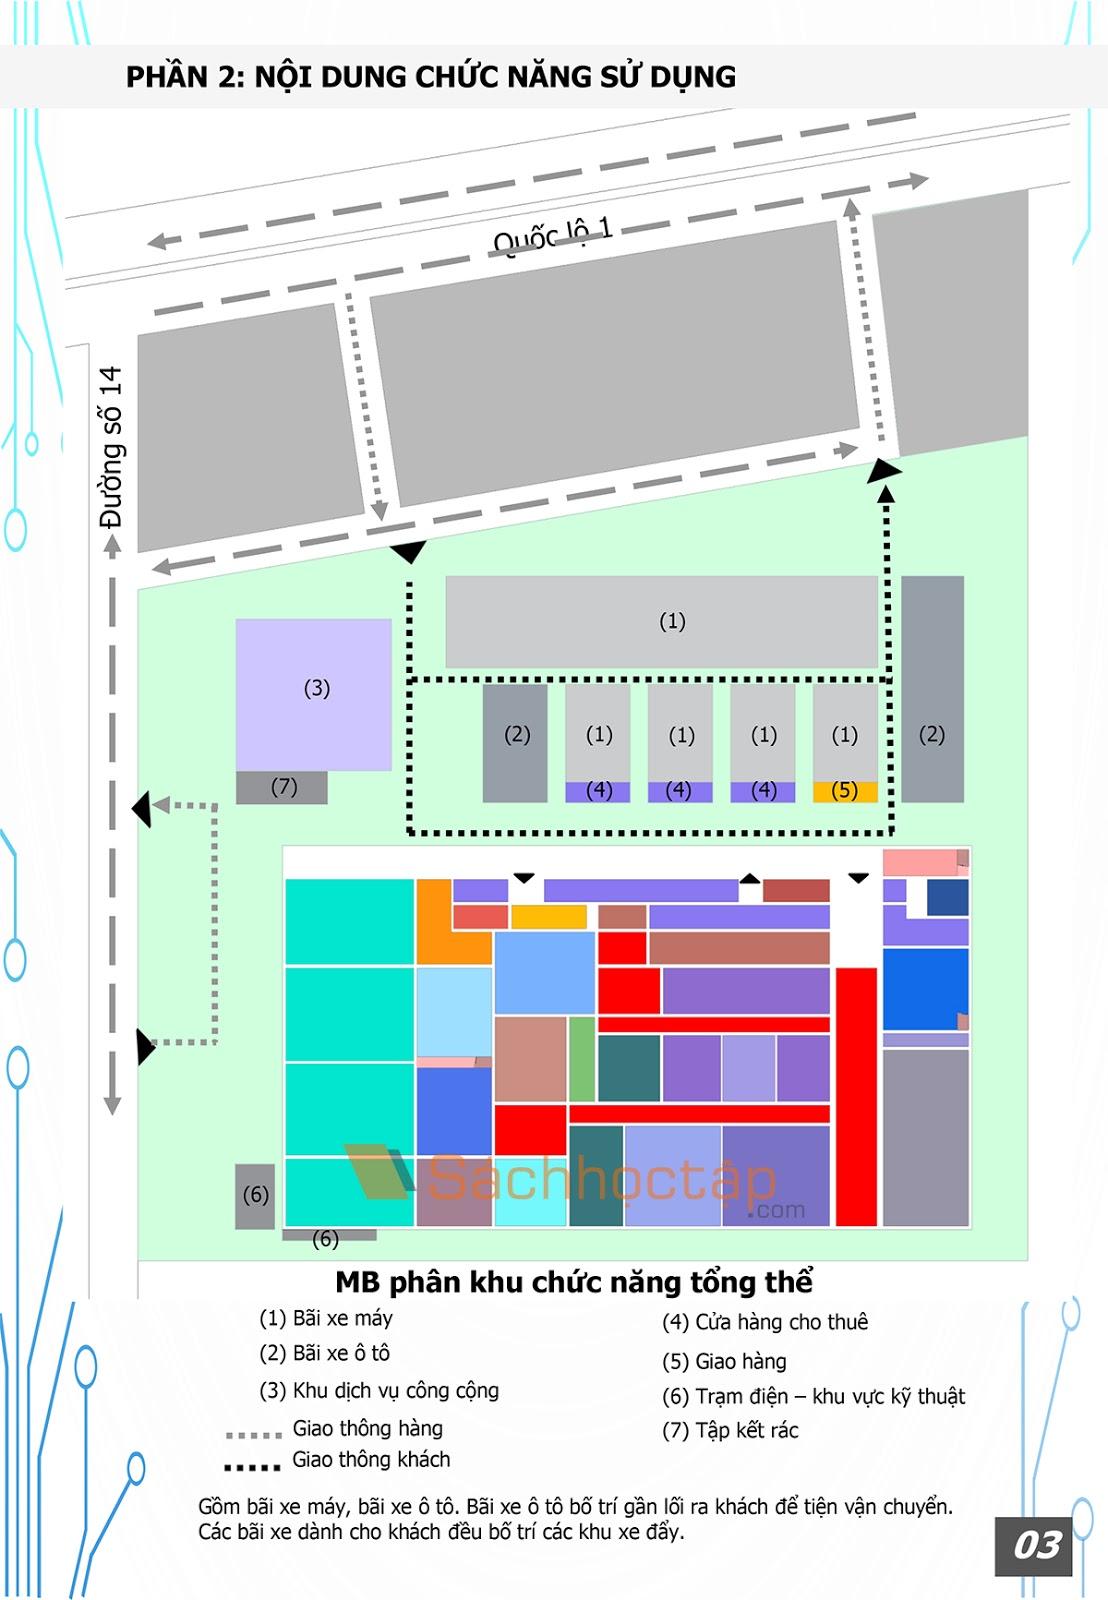 Chuyên đề kiến trúc 4: Kiến trúc thương mại - Dịch vụ: Siêu thị Co.opxtra Plus Thủ Đức - Preview 4